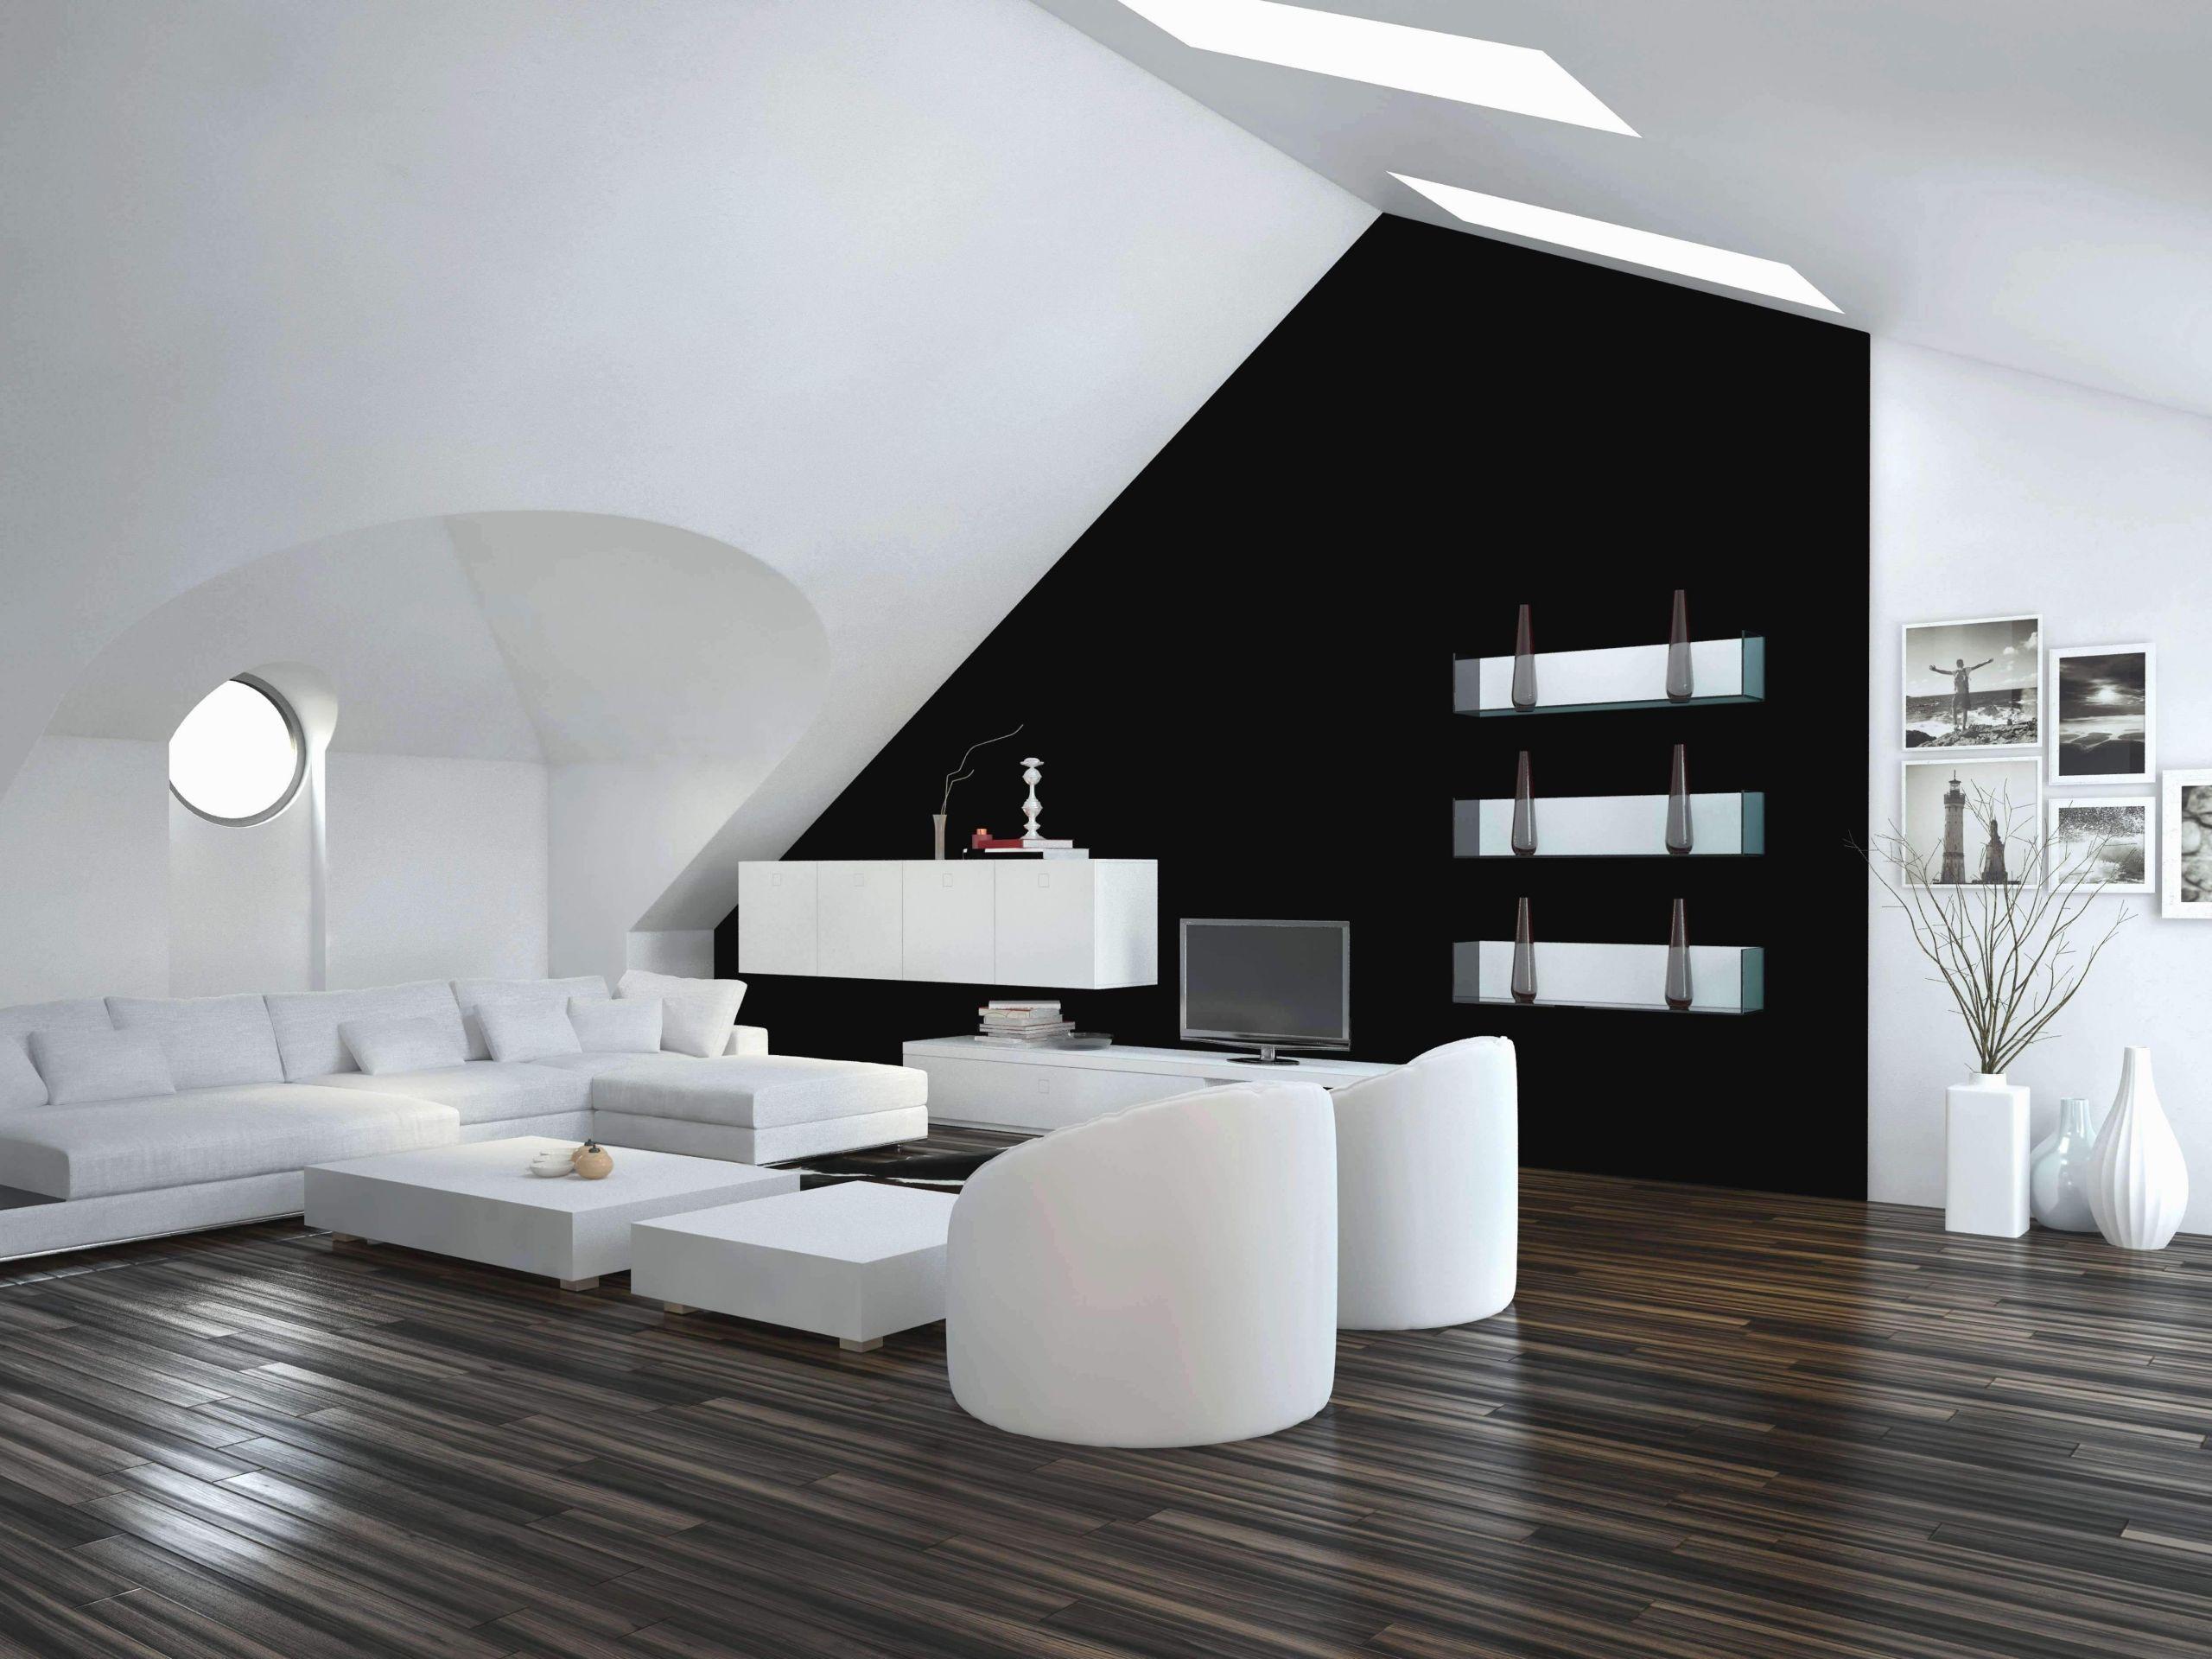 deko ideen selbermachen wohnzimmer inspirierend steinwand wohnzimmer selber machen einzigartig wohnzimmer of deko ideen selbermachen wohnzimmer